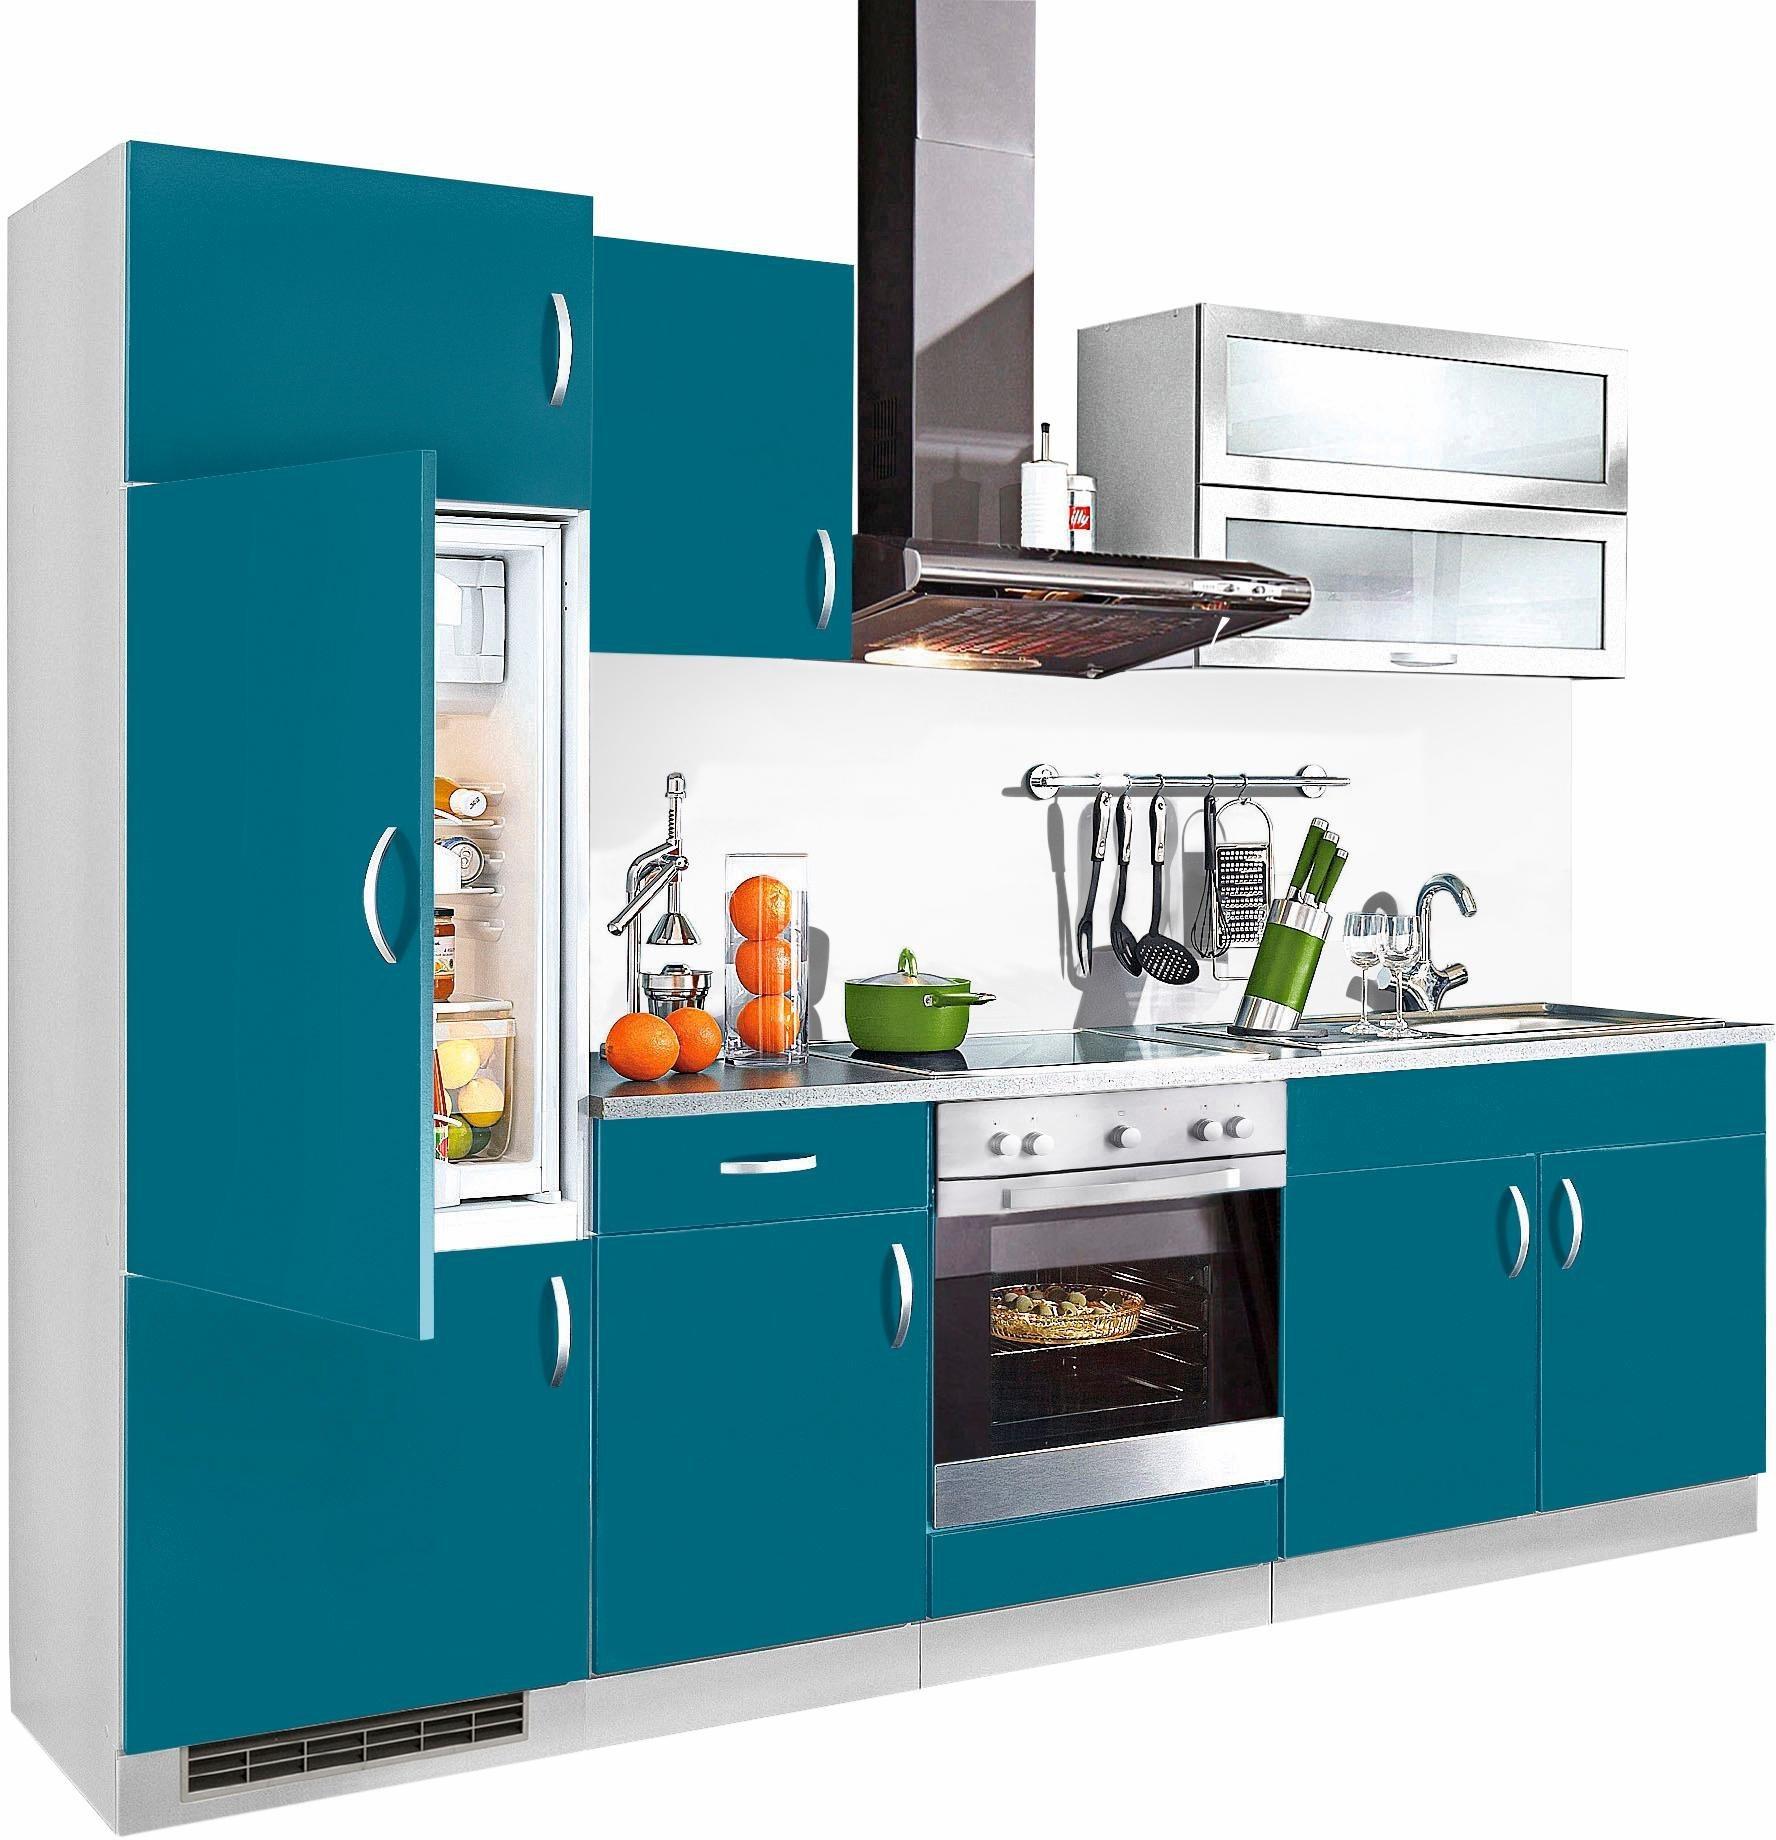 hellgrau-melamin Küchenzeilen online kaufen | Möbel-Suchmaschine ...